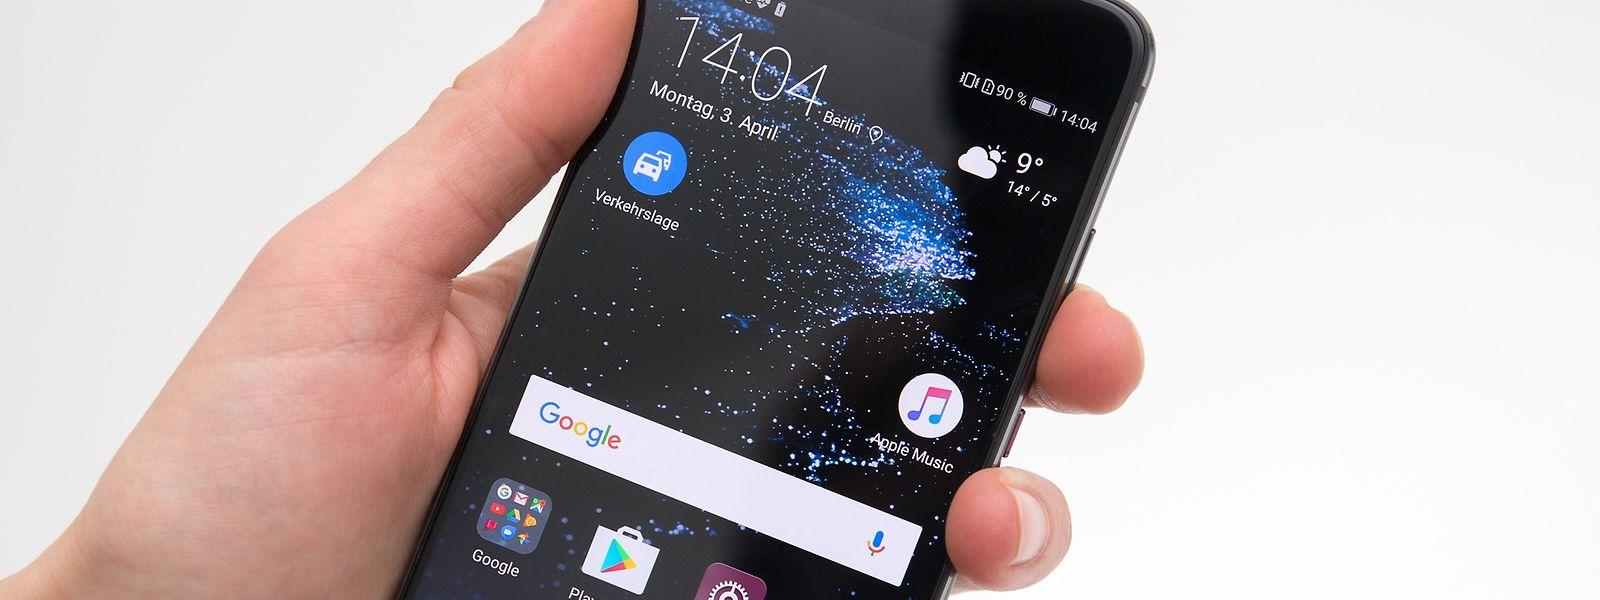 Das Huawei P10 liegt mit seinem 5,1 Zoll großen Bildschirm auch in kleineren Händen gut. Die Rückseite ist für glattes Aluminium erstaunlich griffig.